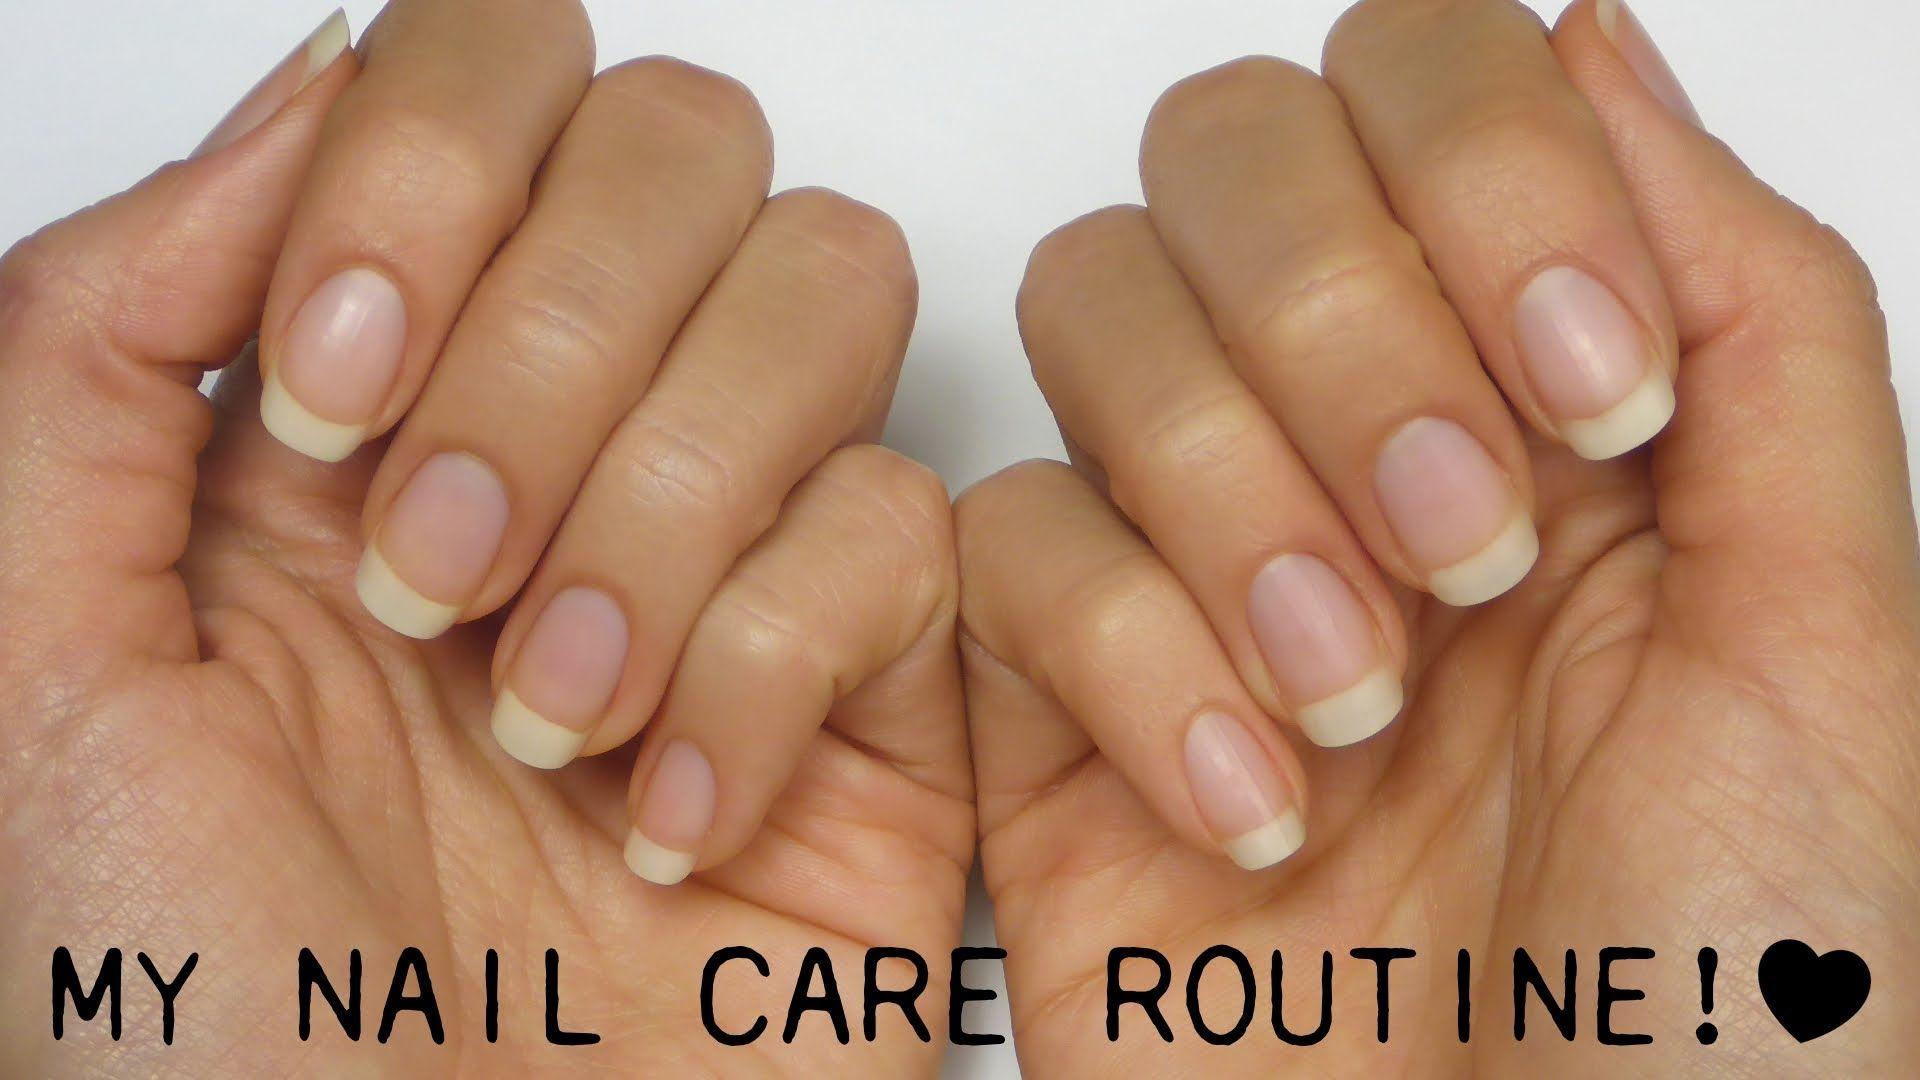 My Nail Care Routine!   Nails, nails, nails   Pinterest   Nail care ...